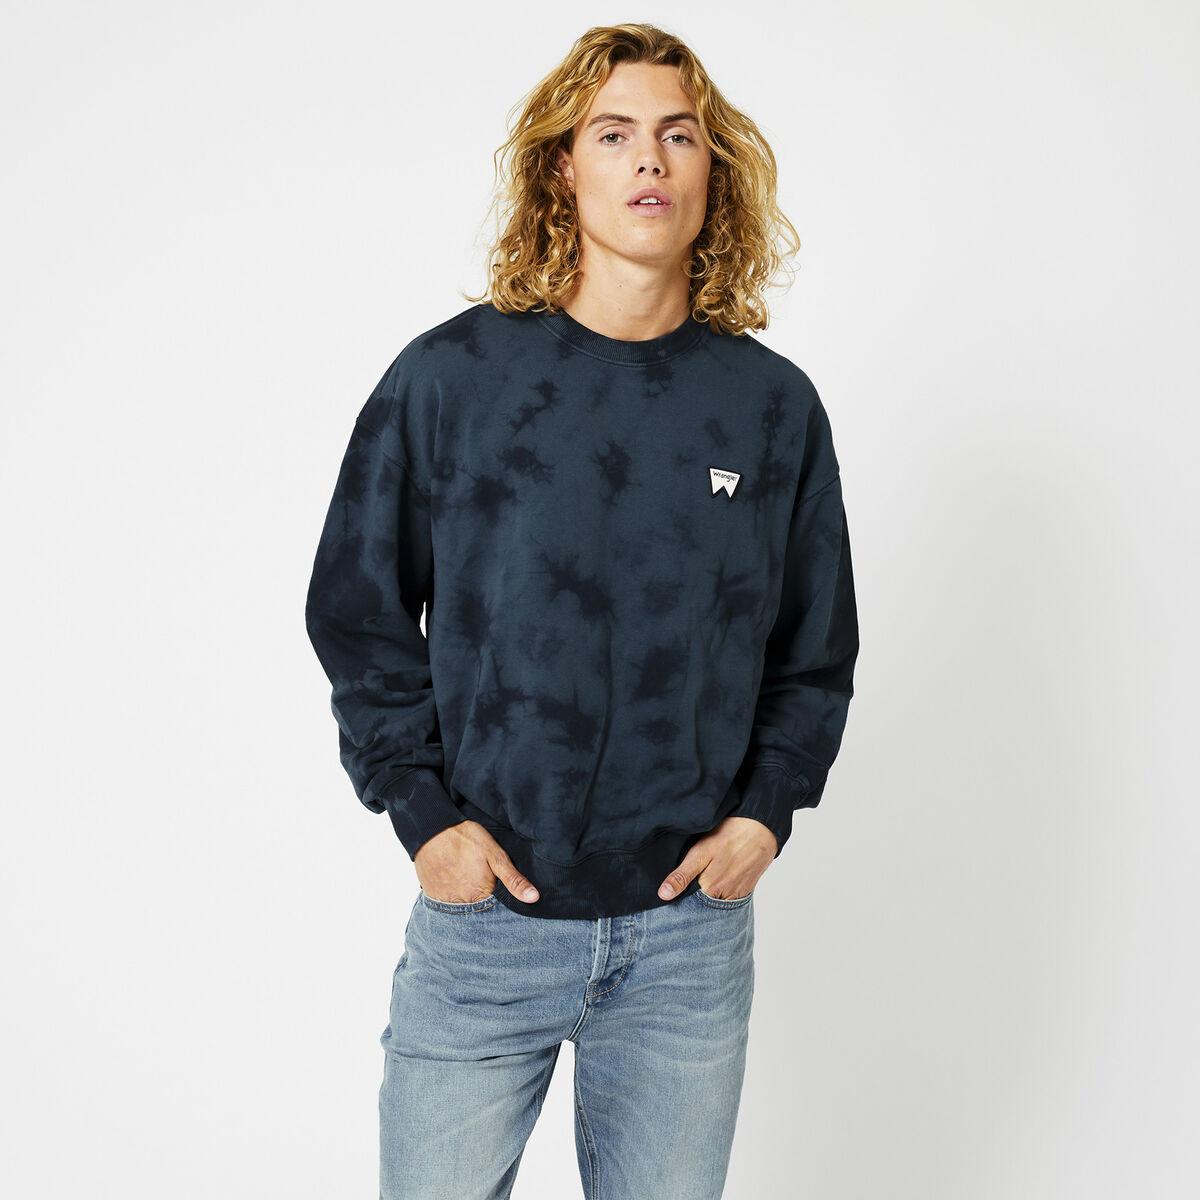 Sweater Wrangler crew